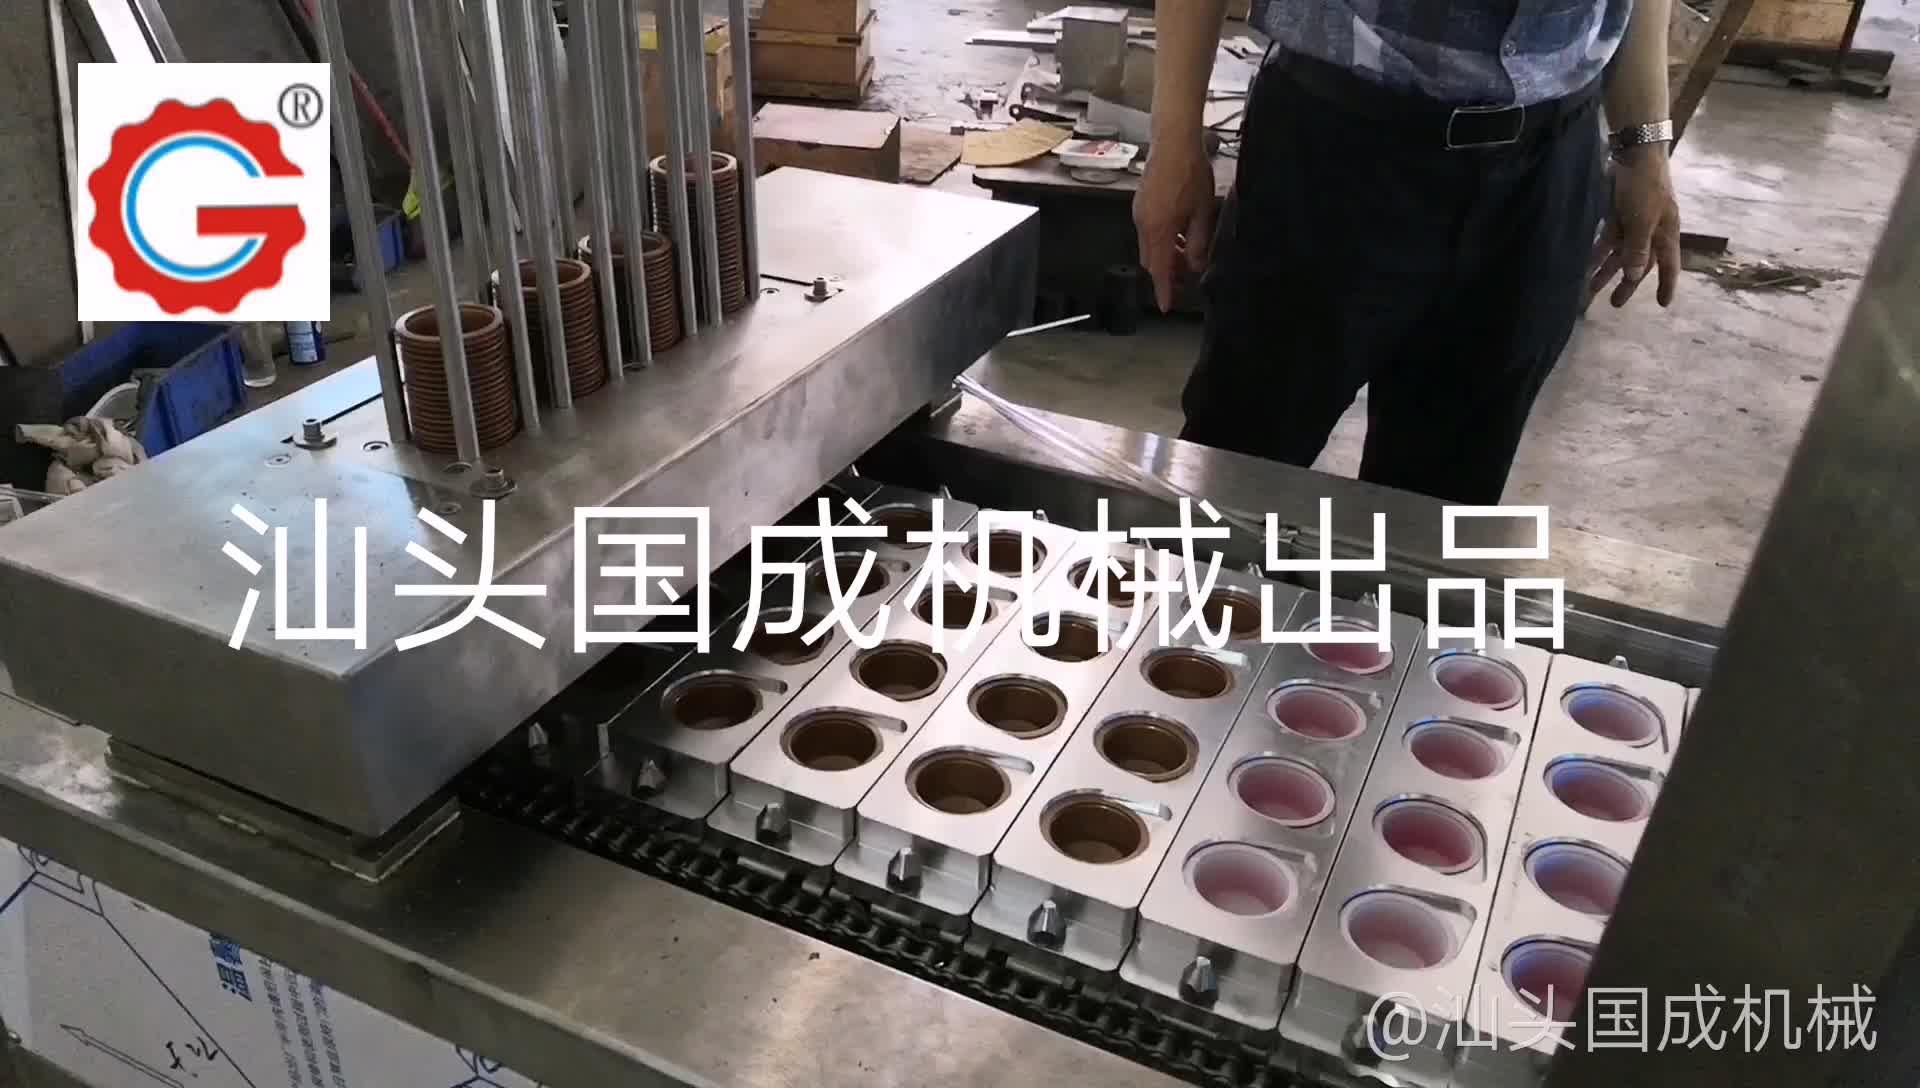 Otomatik Gıda macun dolum makinesi Için Karıştırıcı ile Domates Sosu/Fıstık Ezmesi/Krem